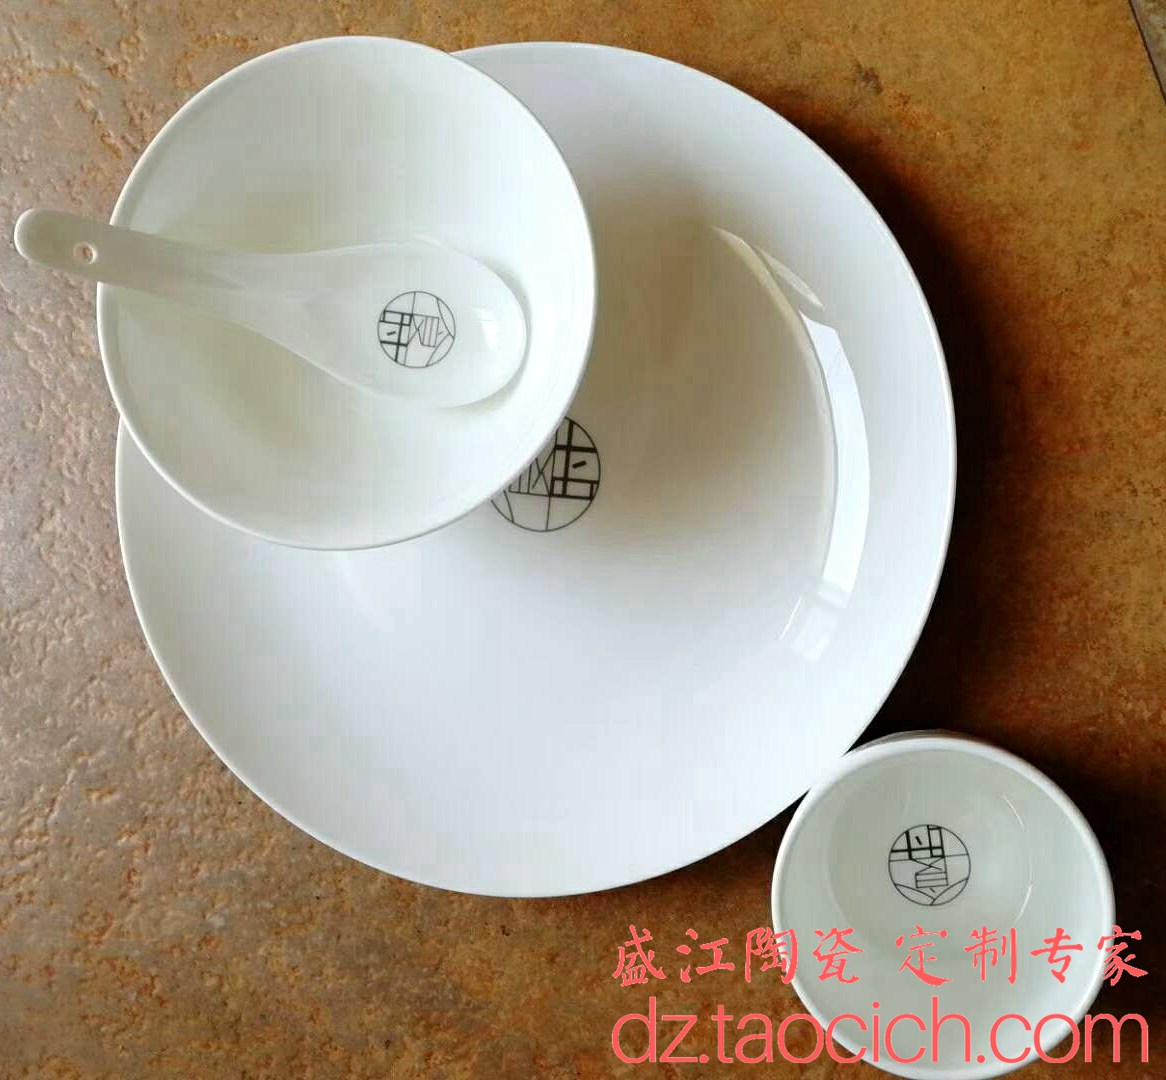 盛江陶瓷 食时餐具定制成功案例